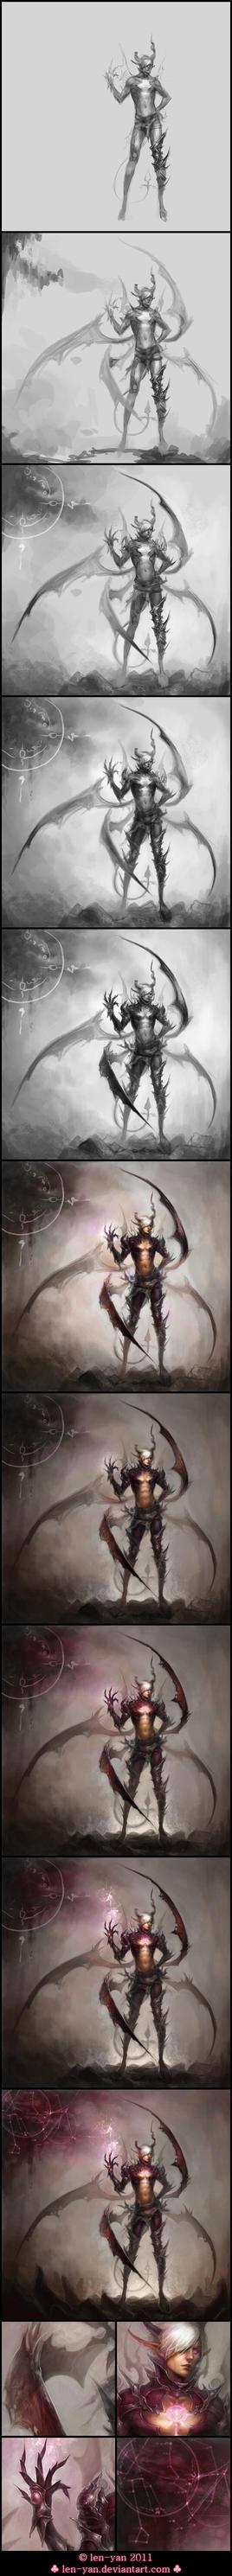 dark omen - progress by len-yan